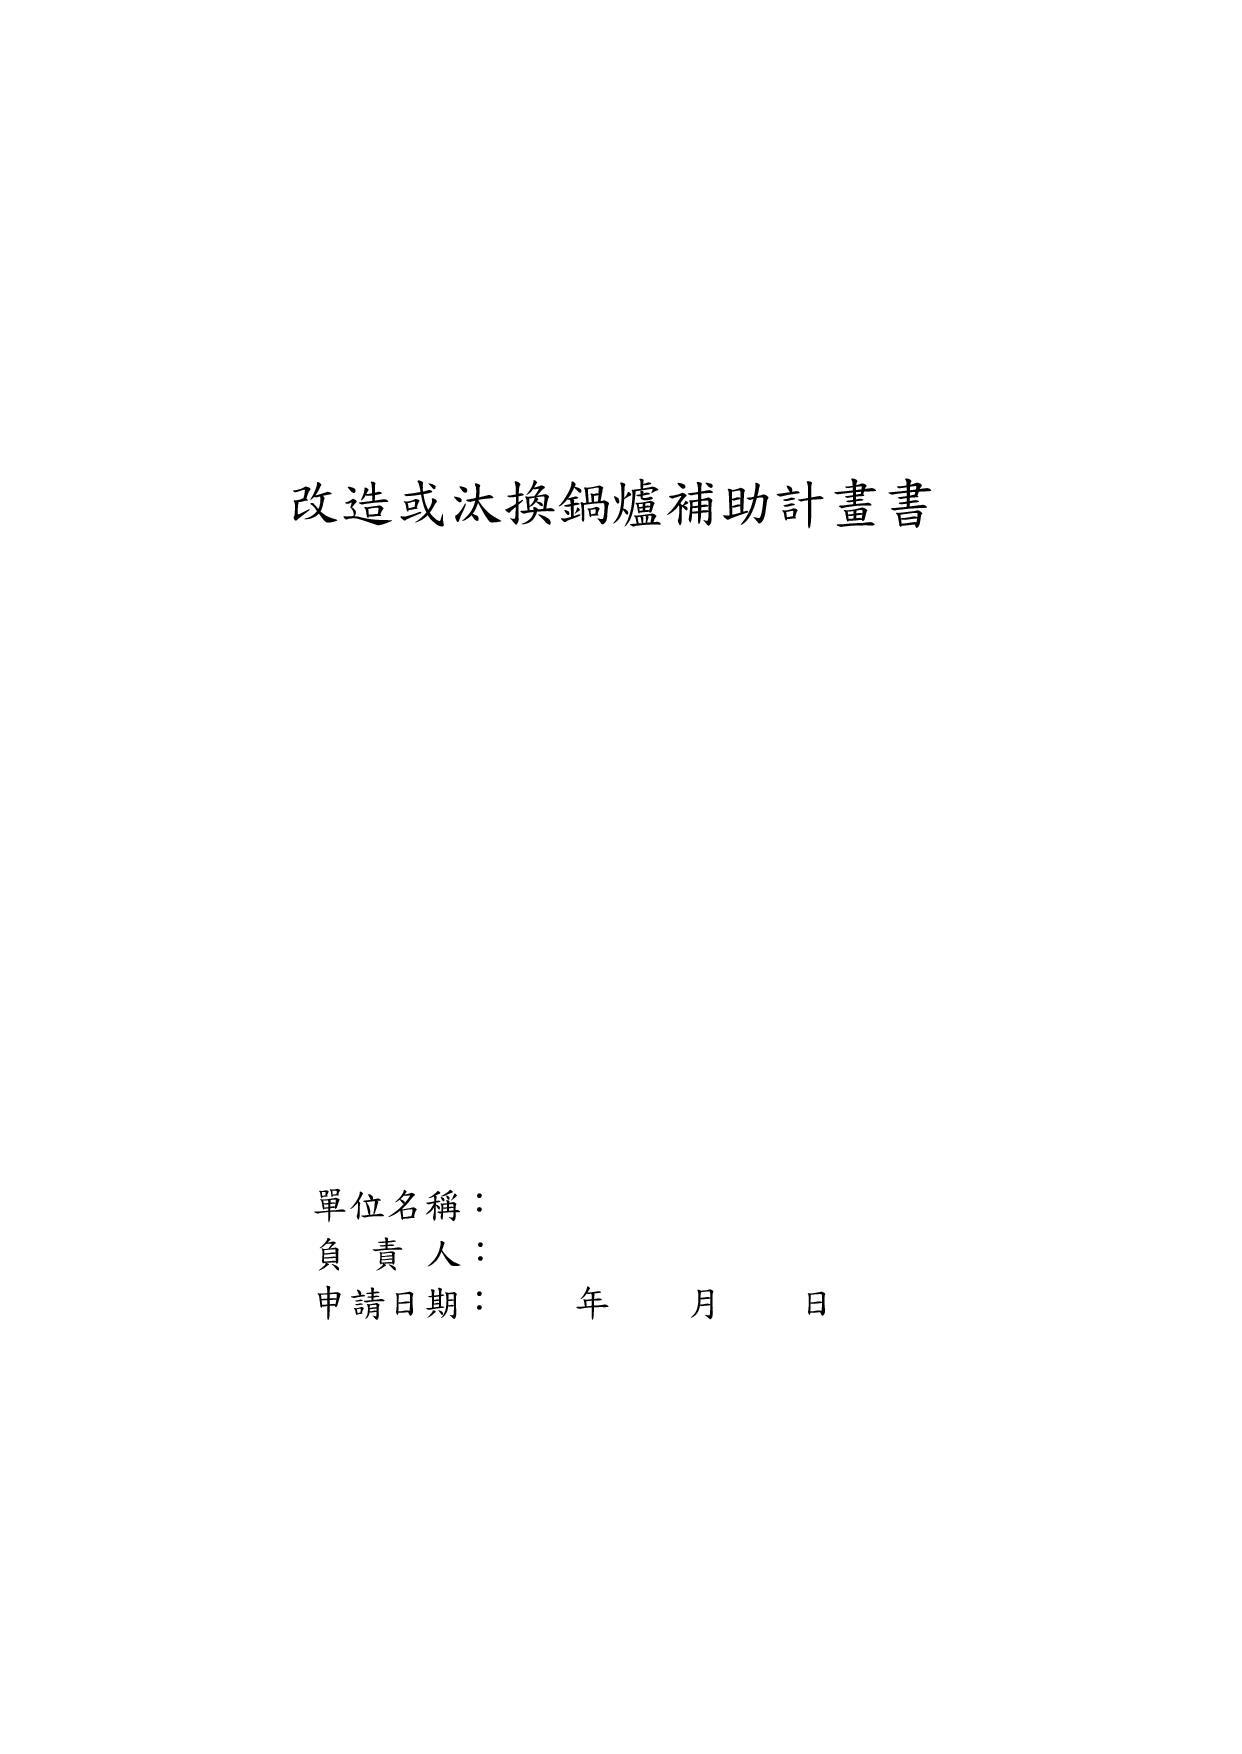 01申請改造或汰換鍋爐補助計畫書(修0511)